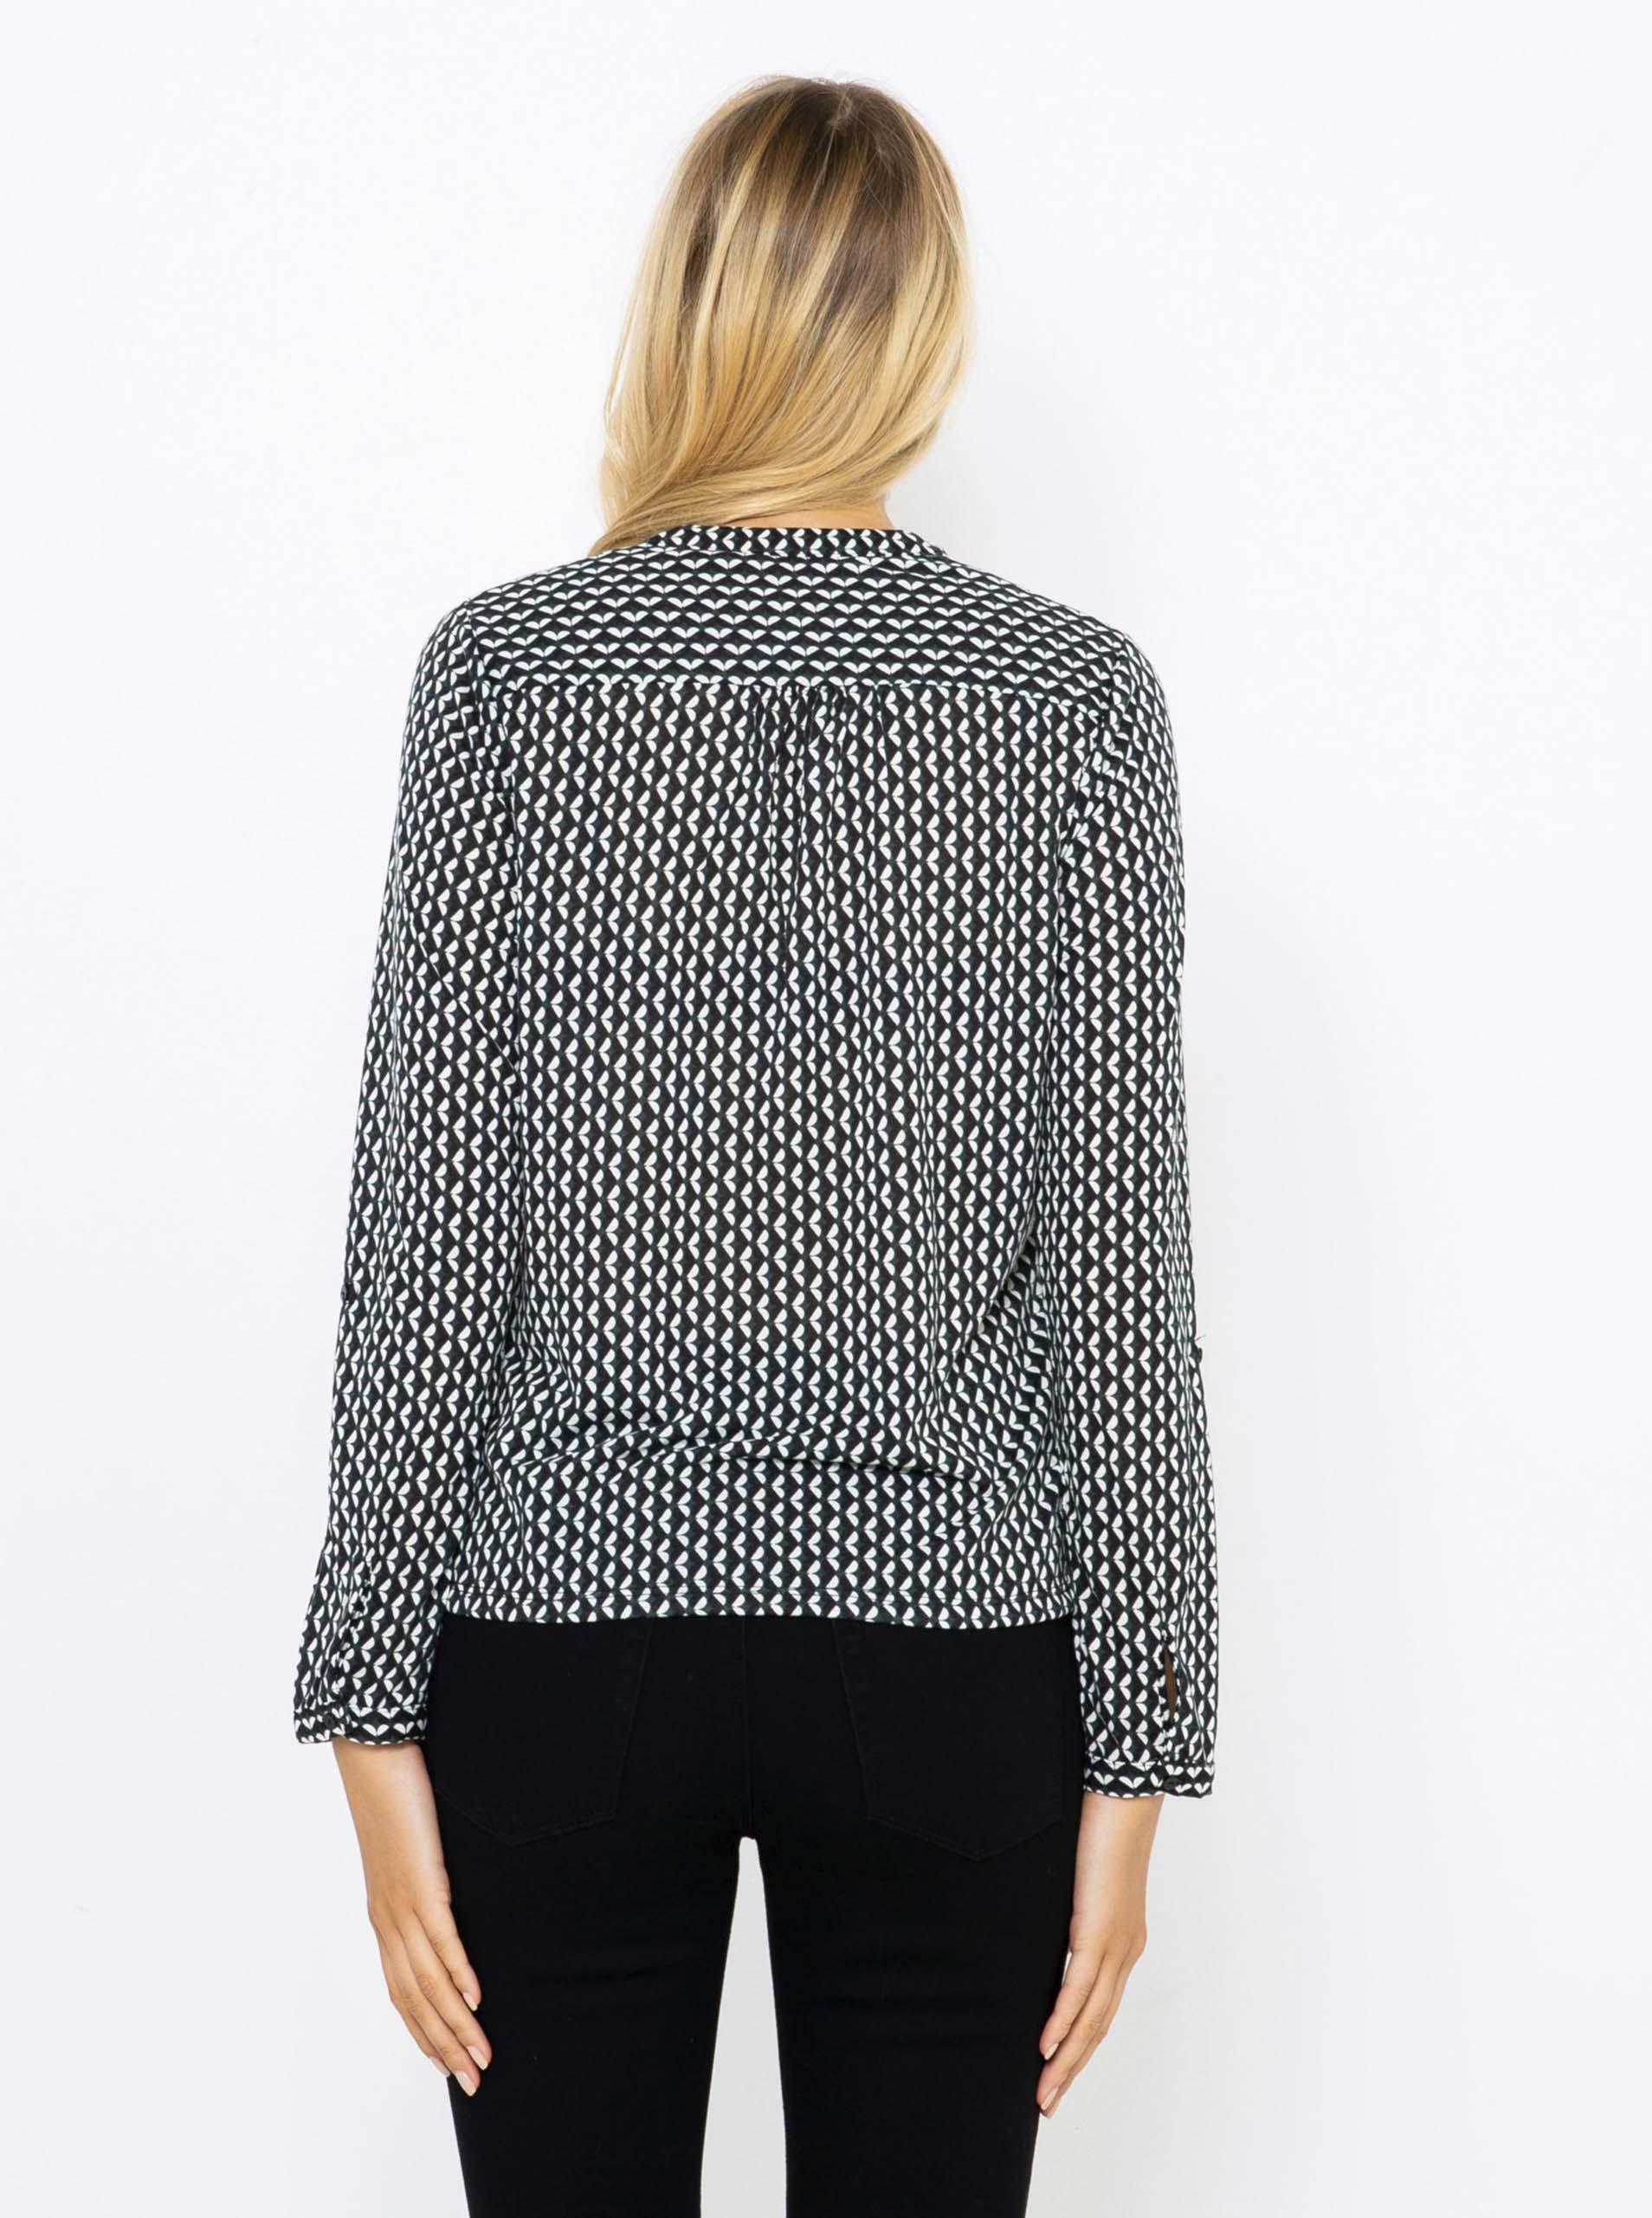 CAMAIEU grey blouse with pattern